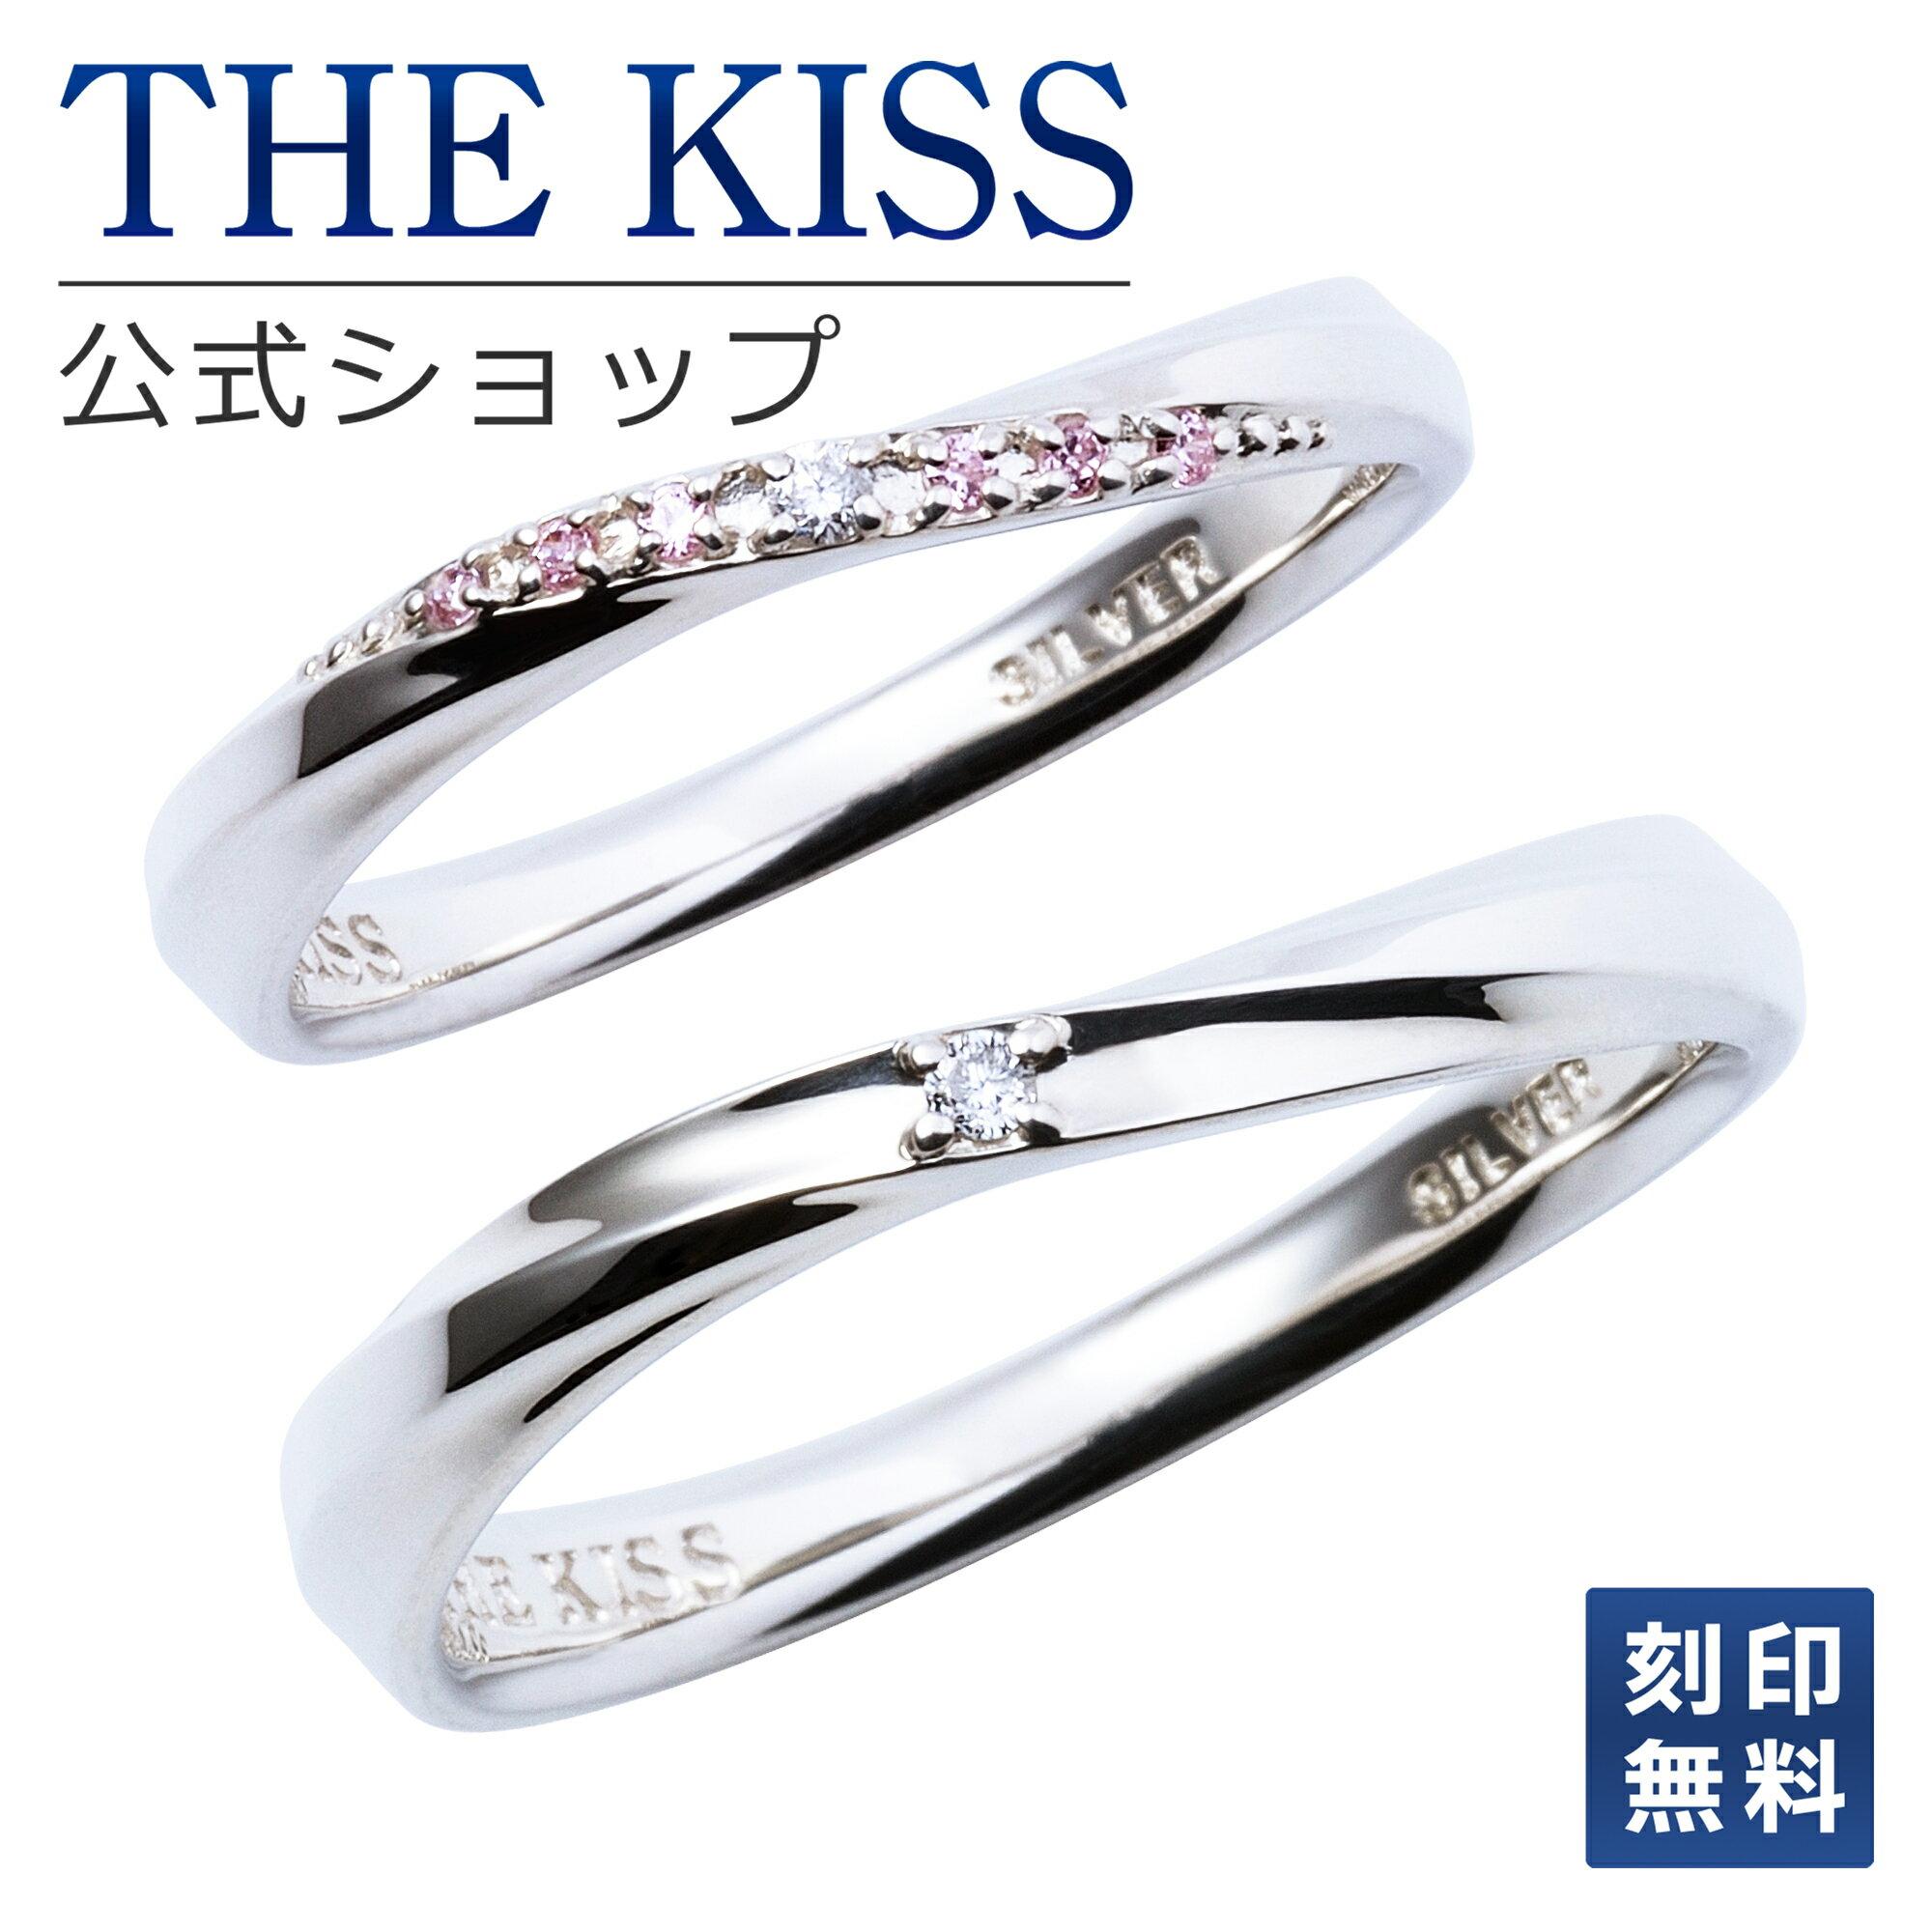 【あす楽対応】THE KISS 公式サイト シルバー ペアリング ダイヤモンド ペアアクセサリー カップル に 人気 の ジュエリーブランド THEKISS ペア リング・指輪 記念日 プレゼント SR1863DM-1864DM セット シンプル ザキス 【送料無料】